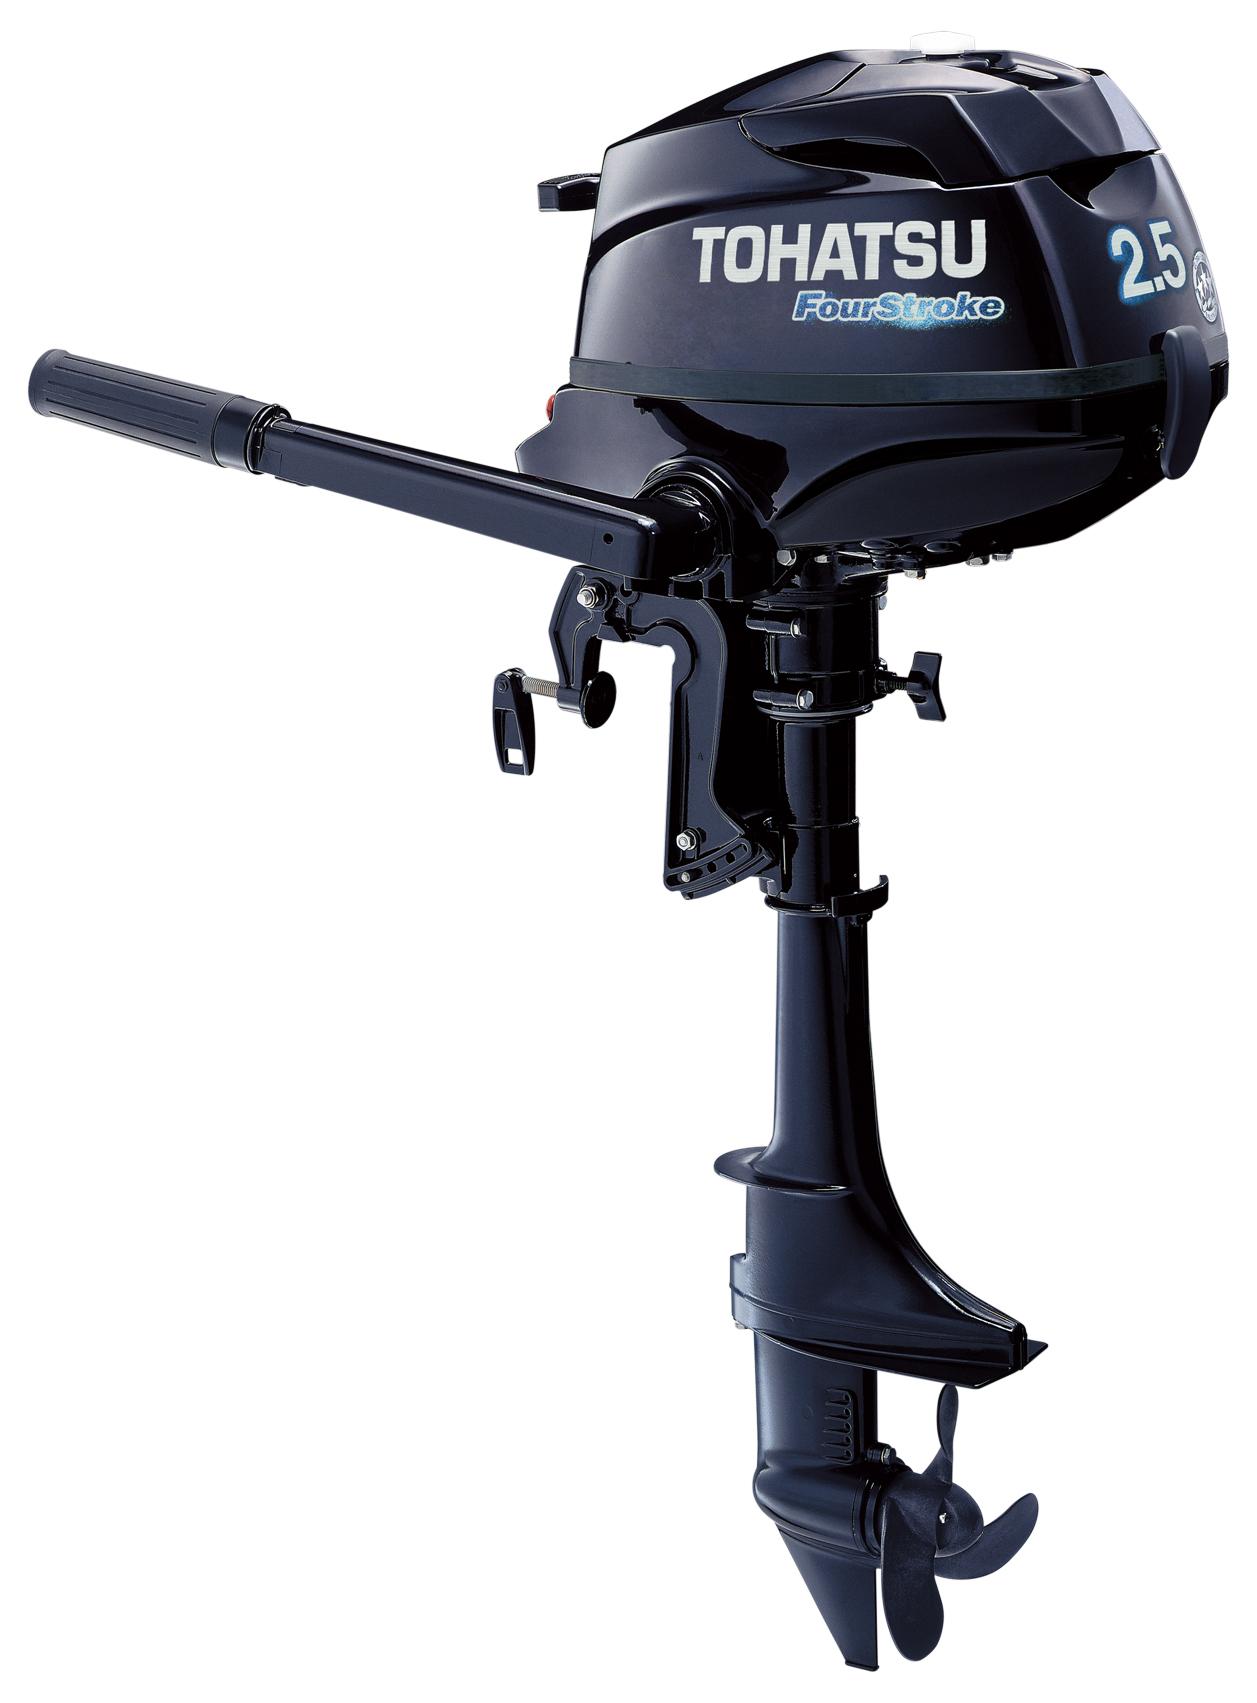 2016 Tohatsu 2 5 Hp 4 Stroke Outboard Motor Tiller 15 Shaft Engine Ebay